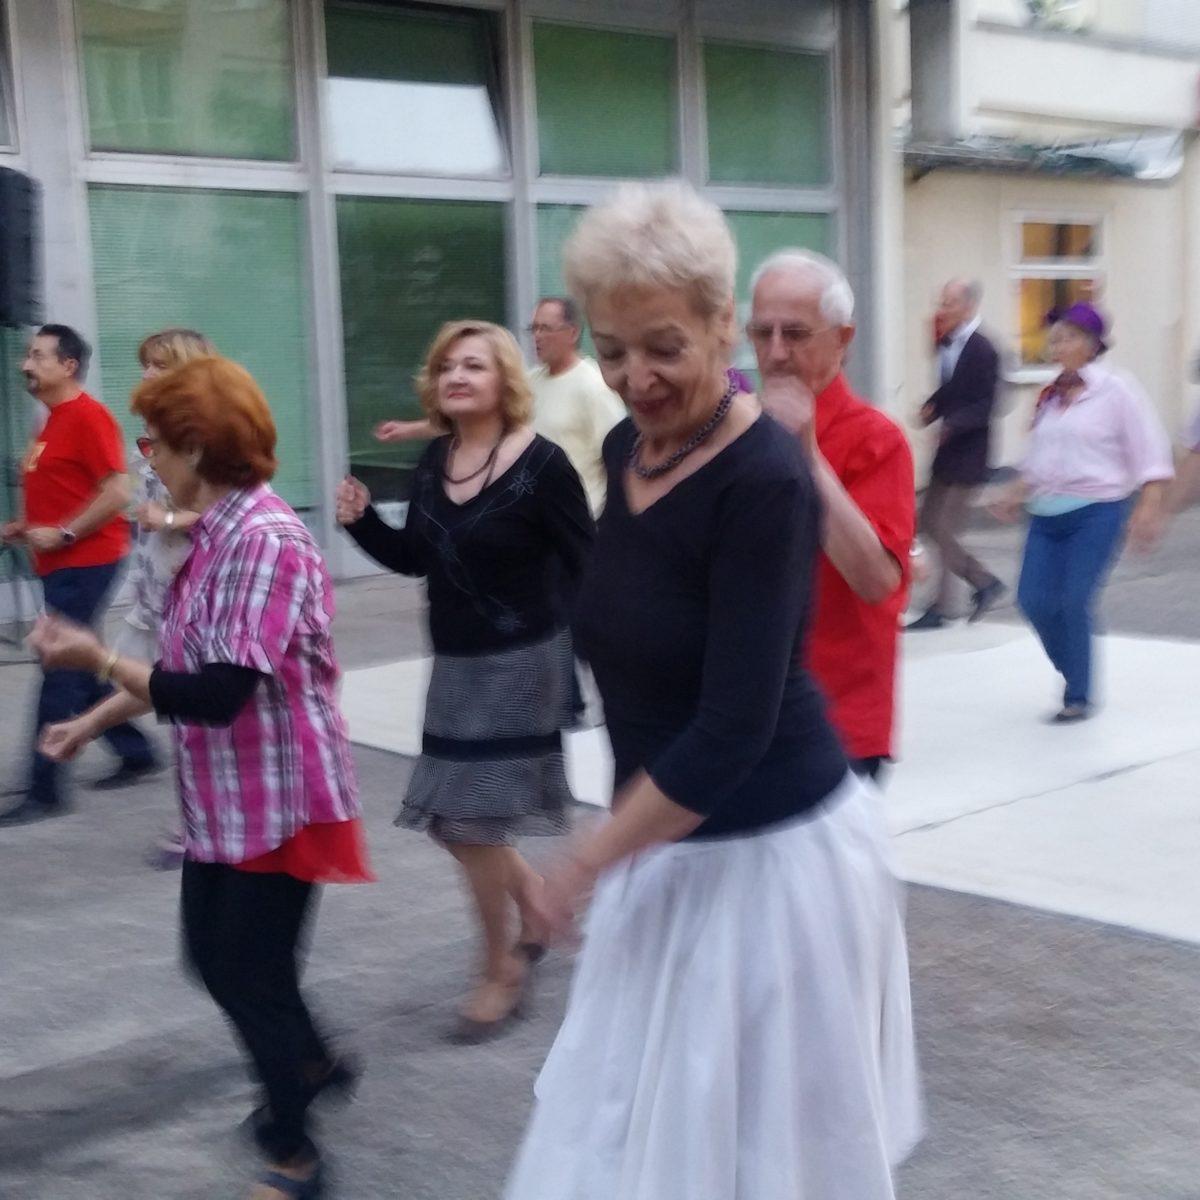 Radionica društvenih plesova (50+)